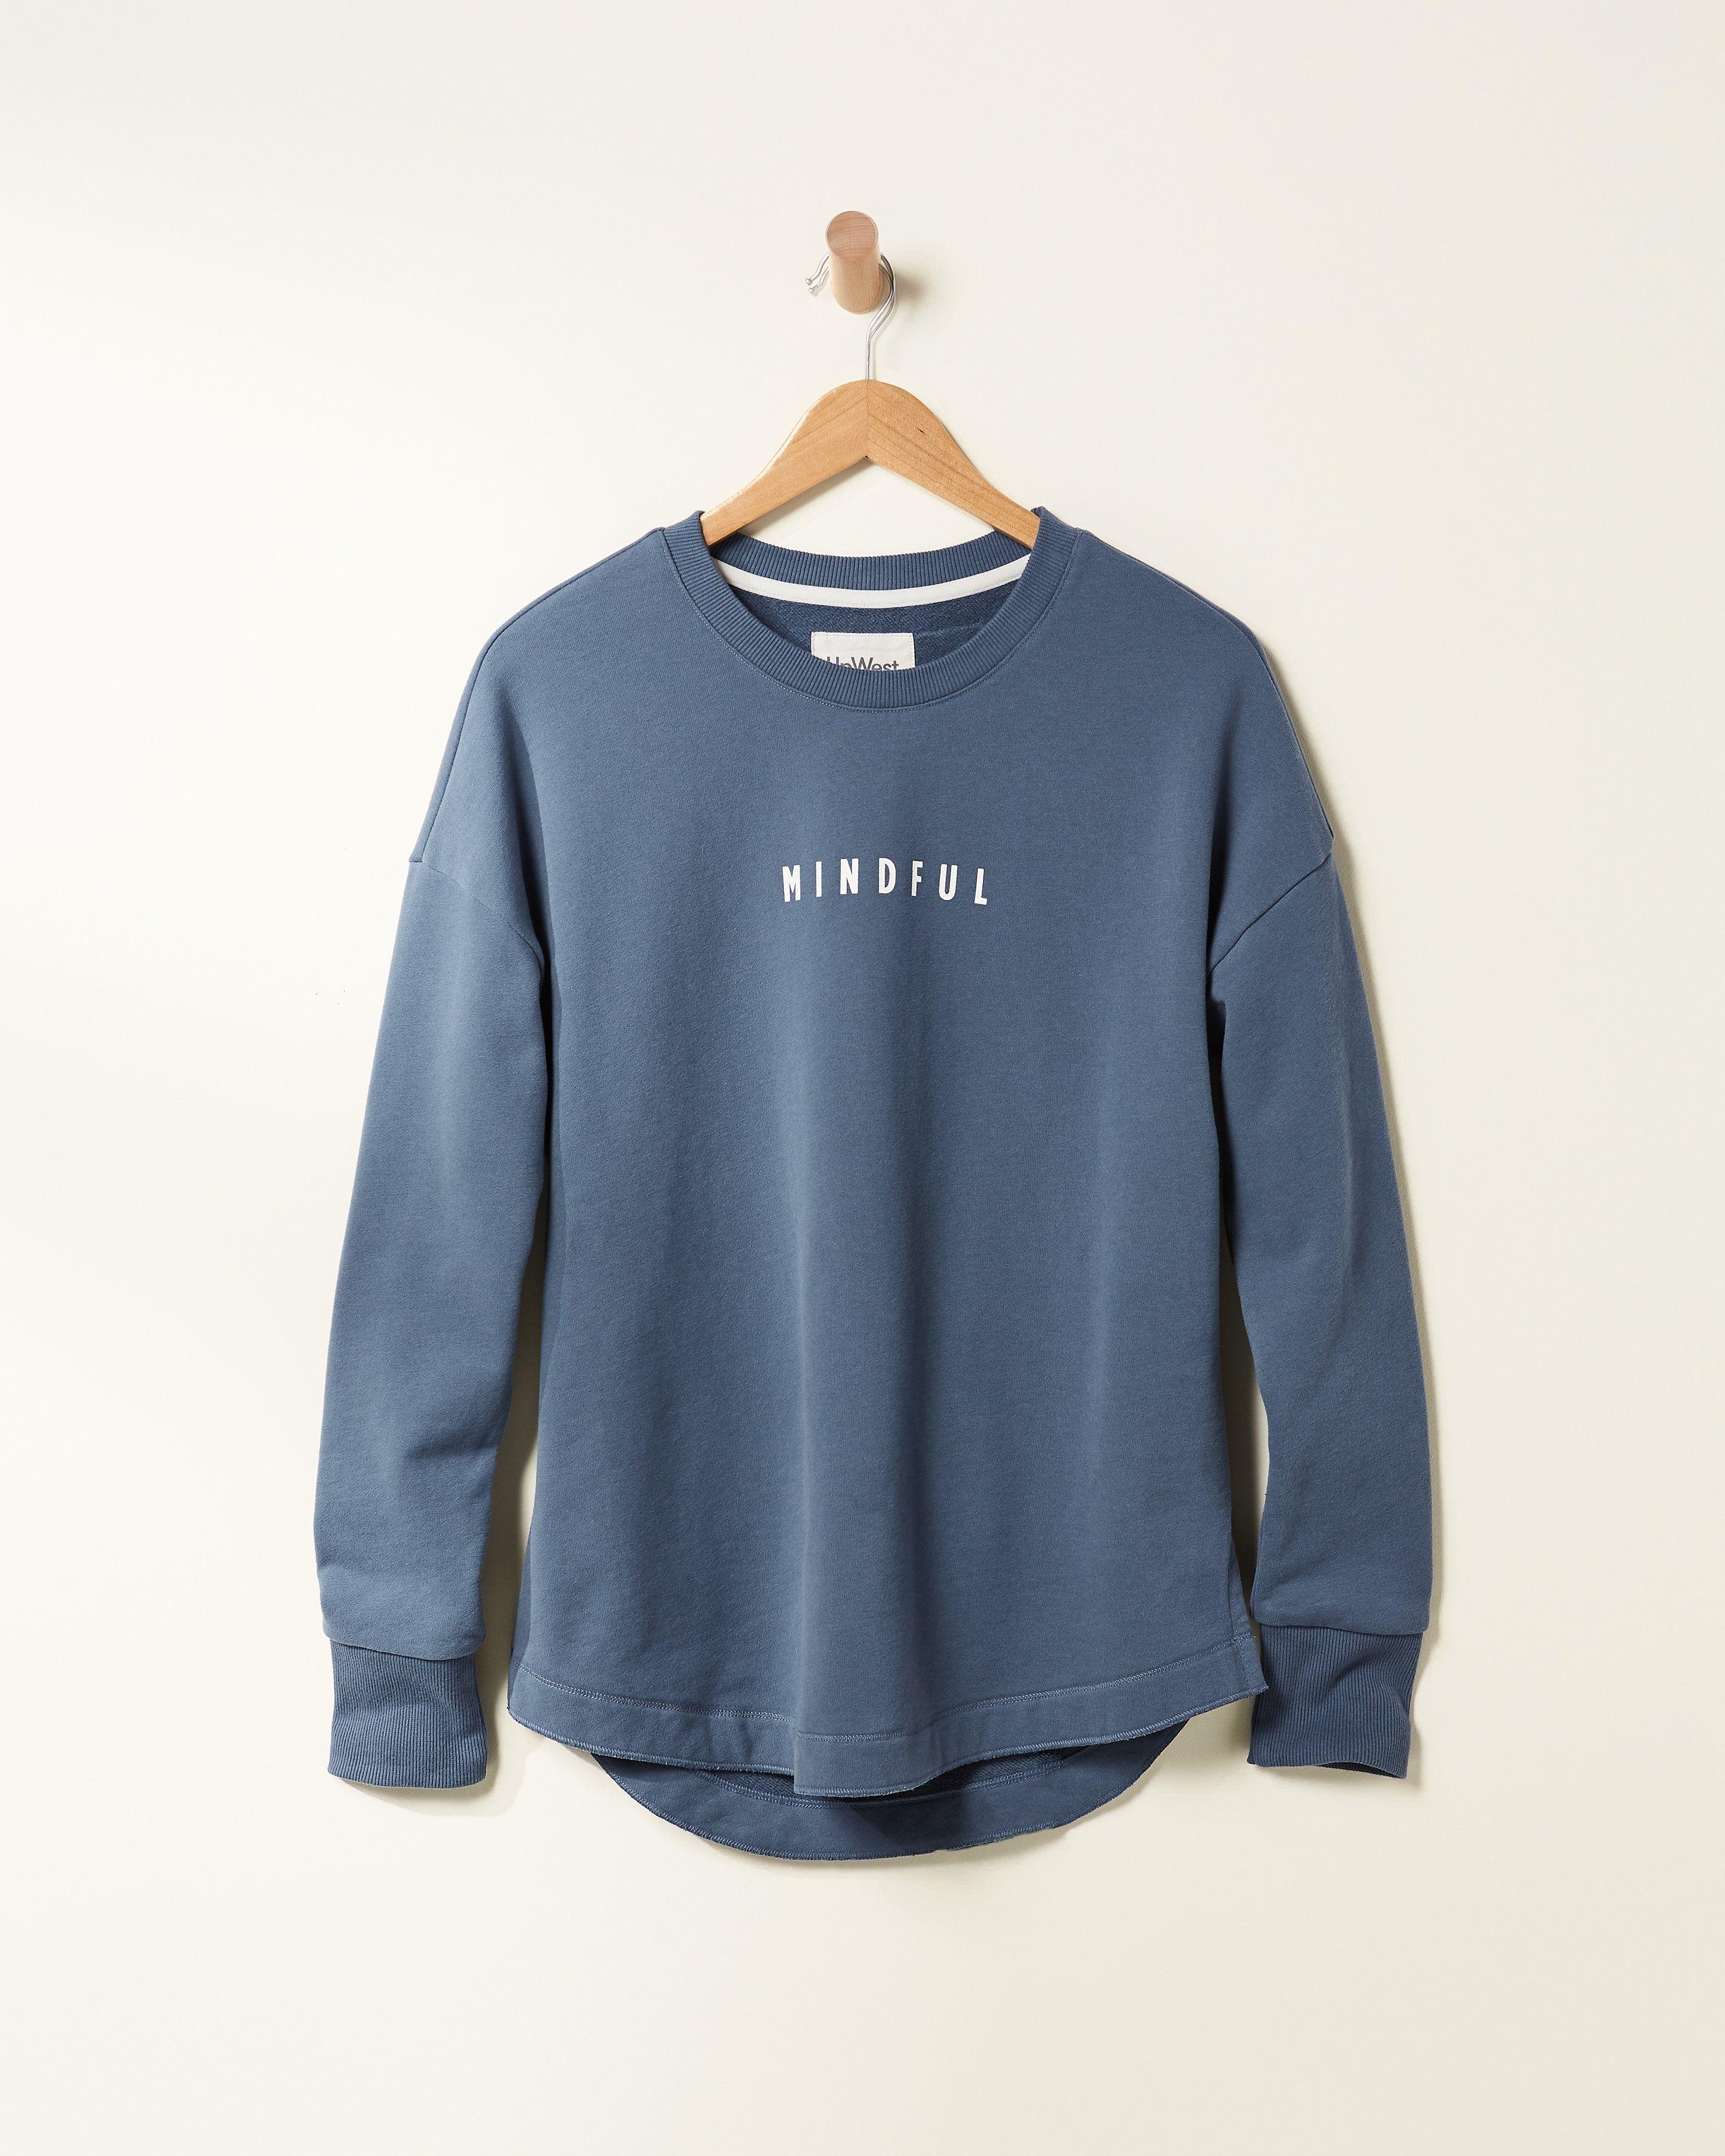 Mindful Sweatshirt Blue Ridge L Simple Sweatshirt Sweatshirt Designs Sweatshirts [ 3600 x 2880 Pixel ]